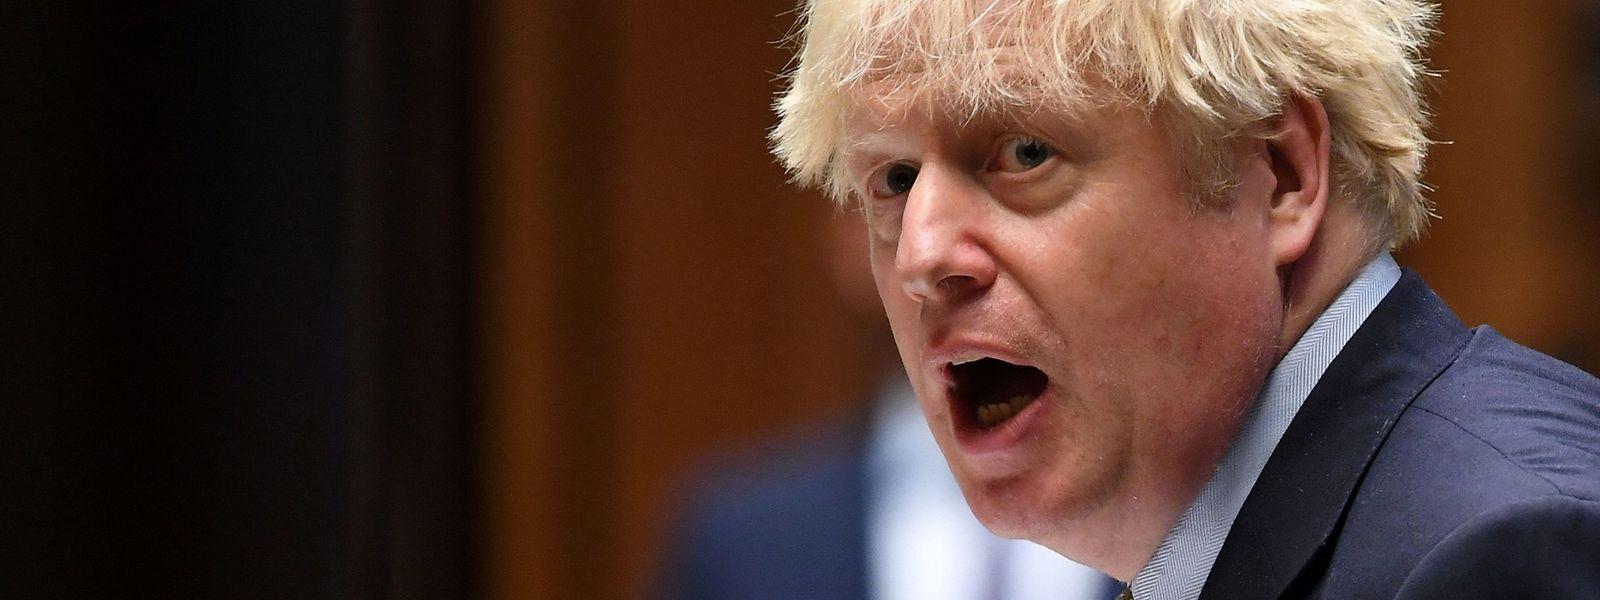 Großbritannien steuert laut Boris Johnson auf einen harten Bruch mit der Europäischen Union zu.